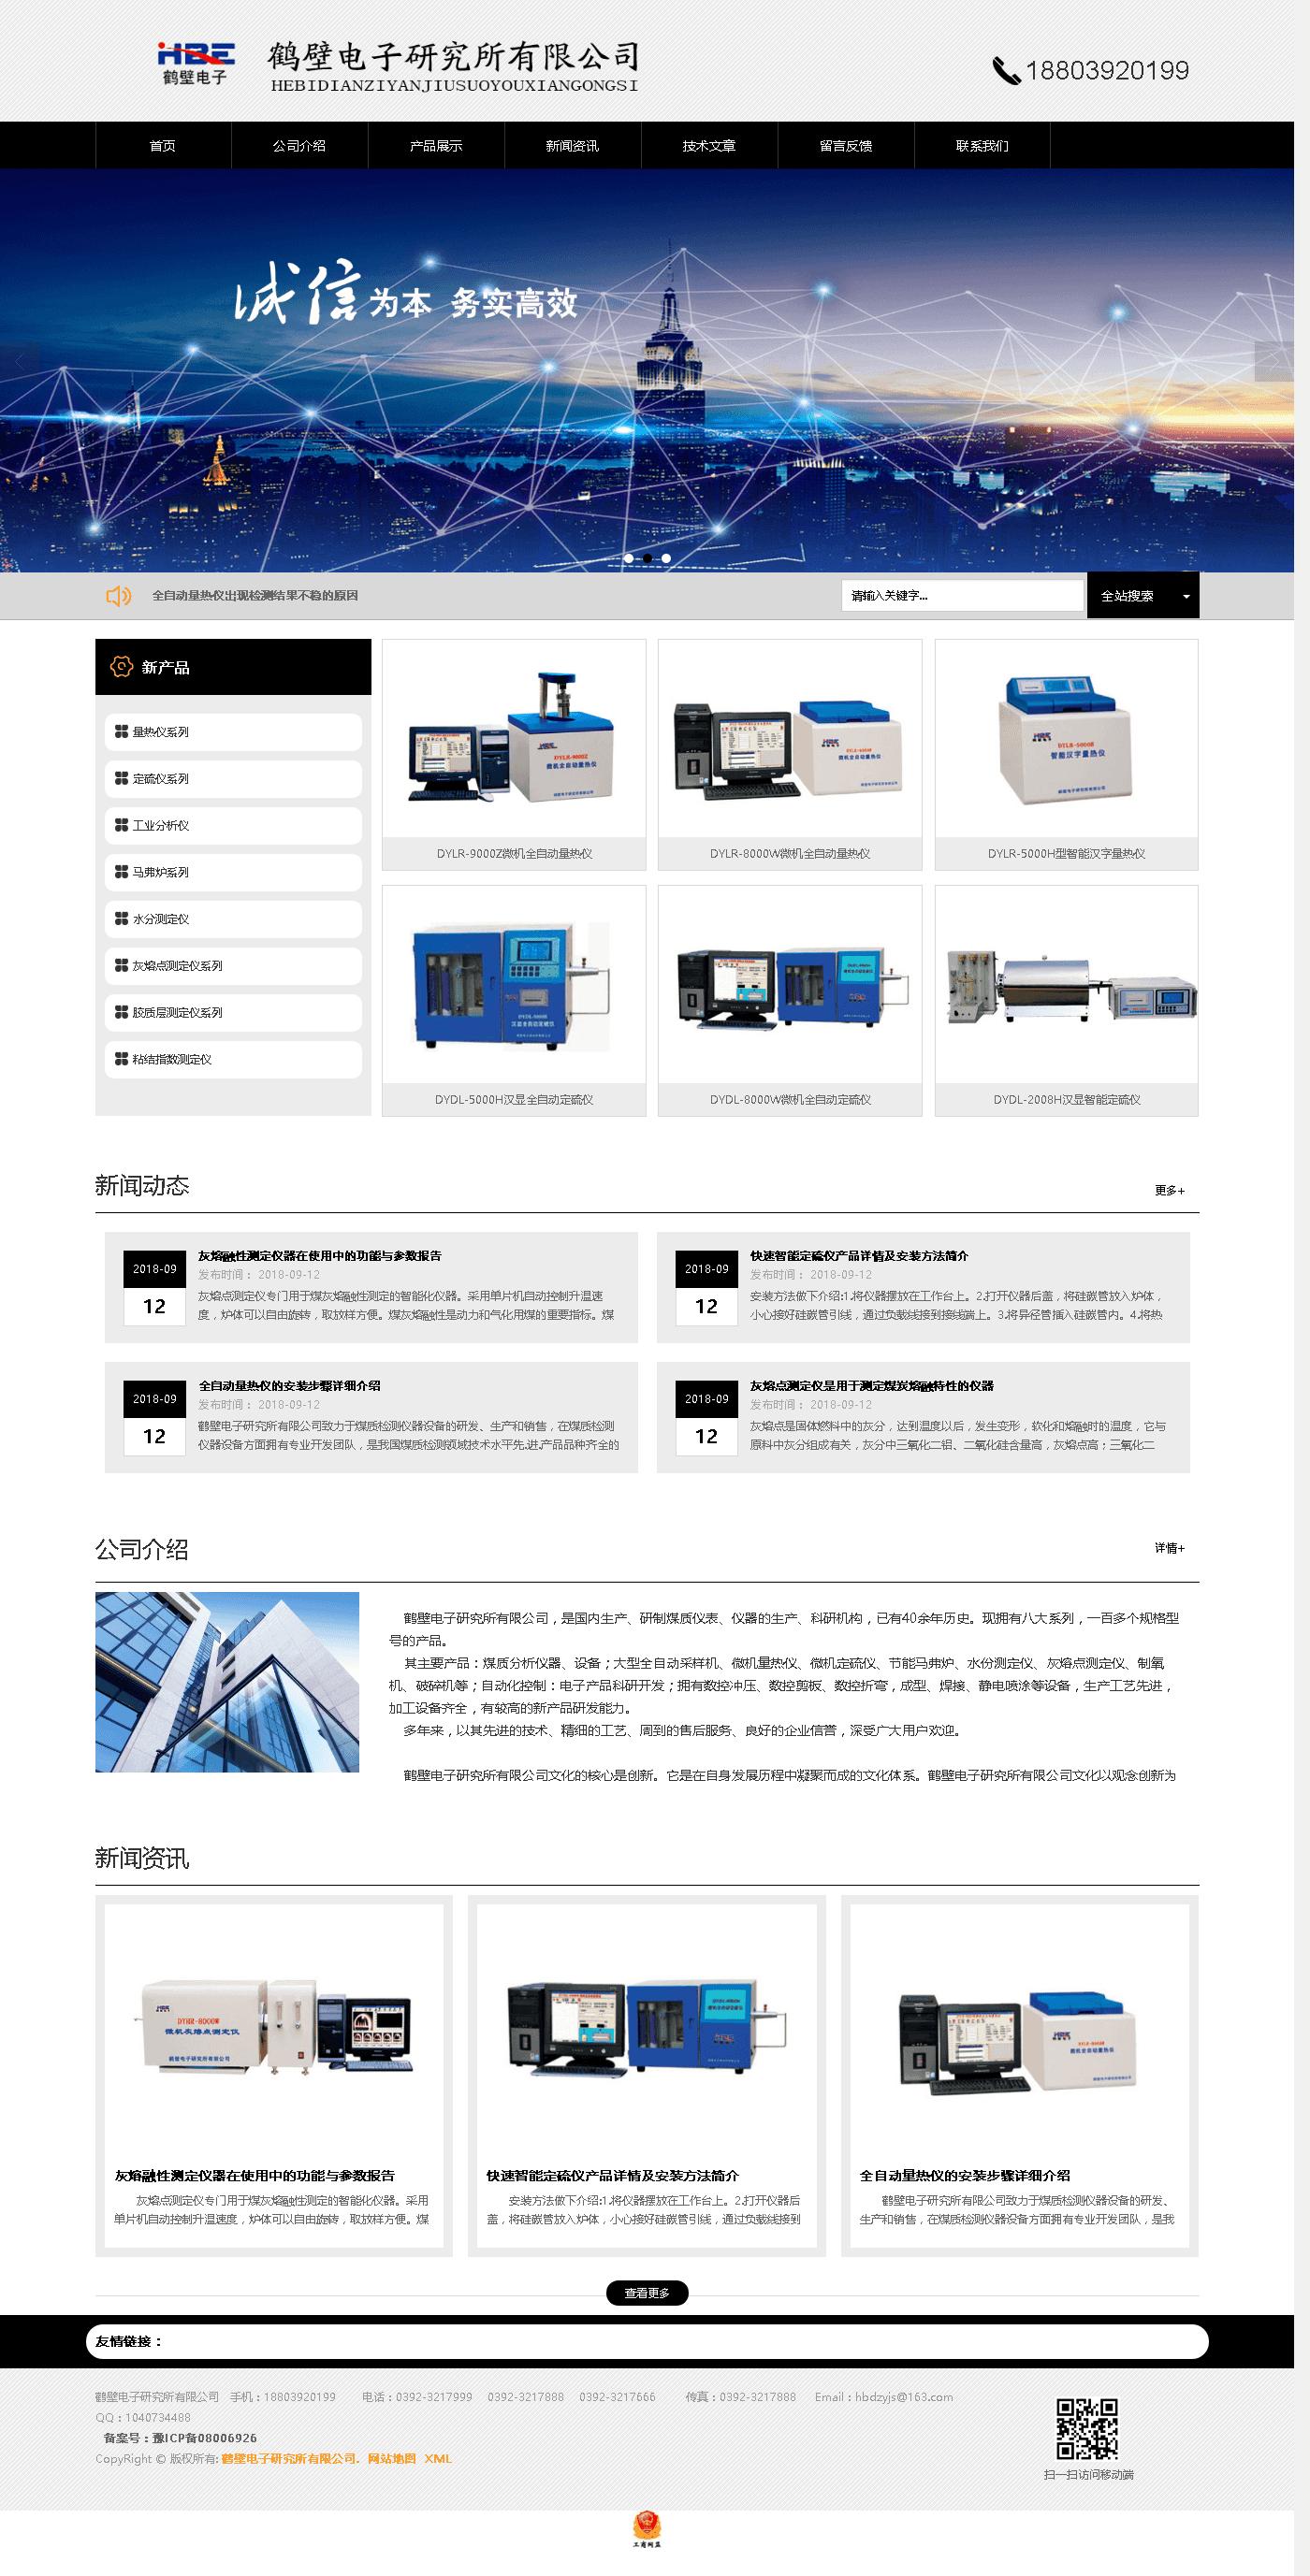 鹤壁电子研究所有限公司__comp.png